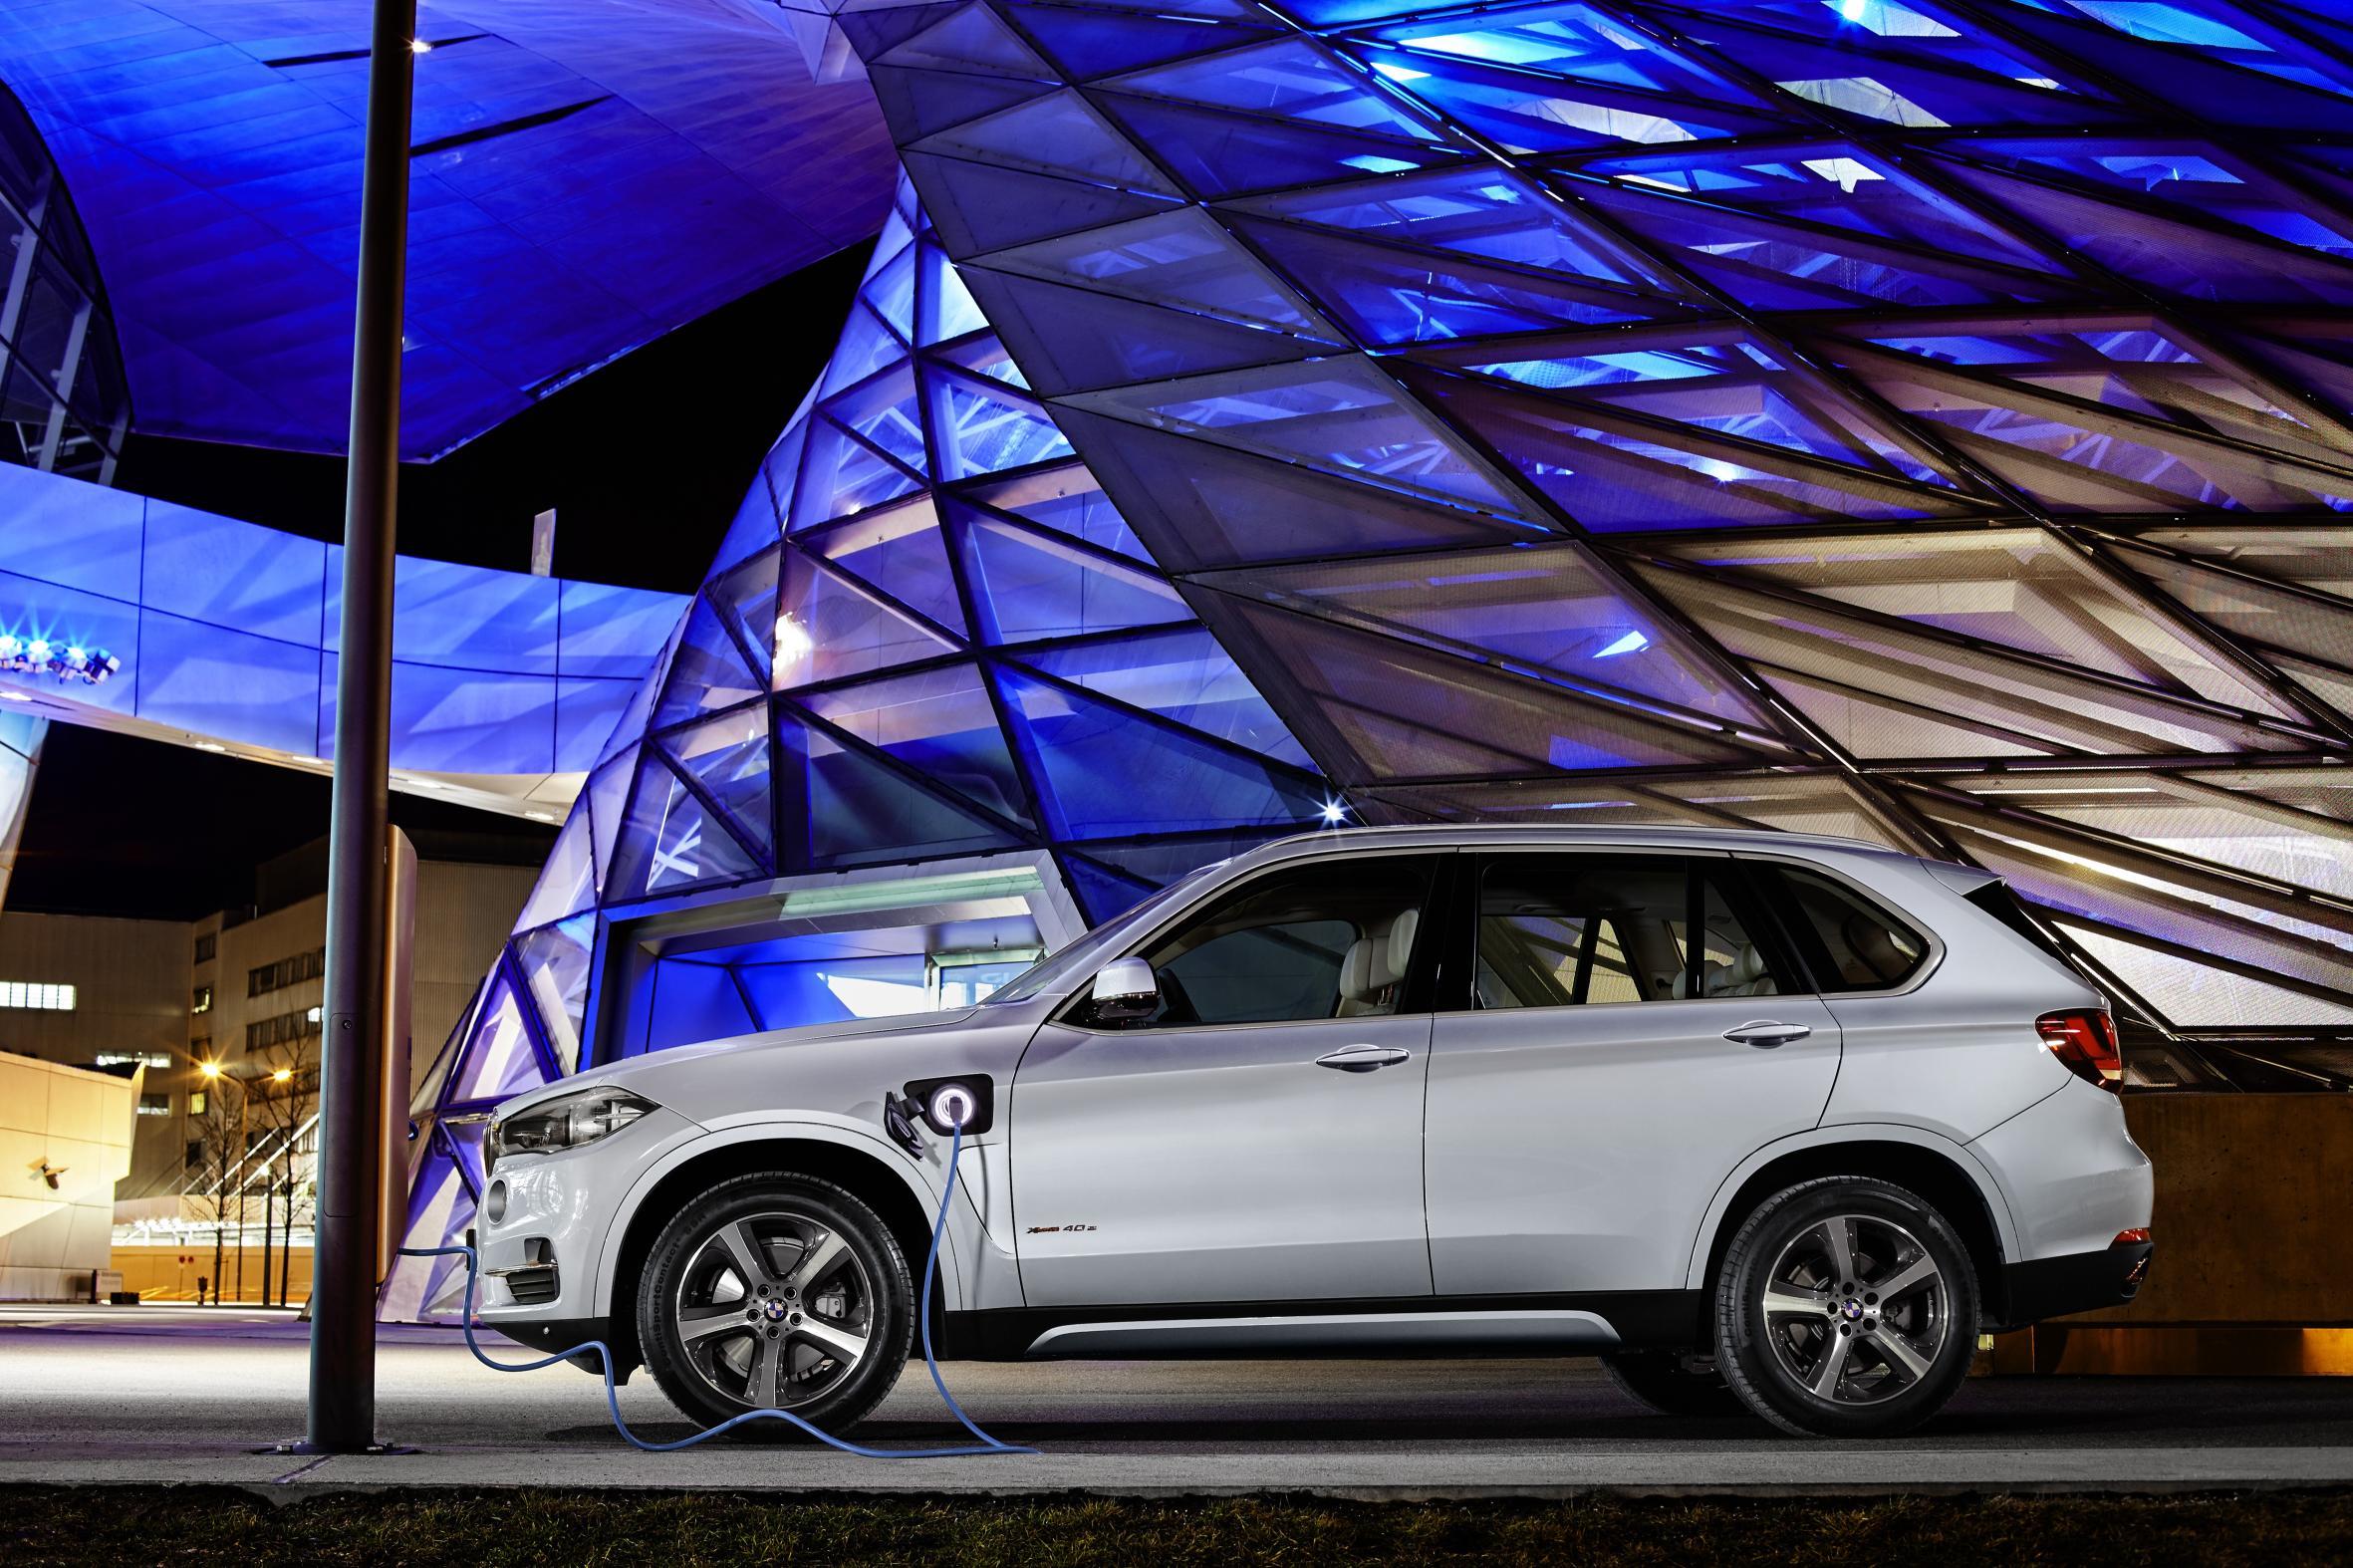 BMW X5 xDrive40e 313 CV: Hasta 31 kilómetros en modo eléctrico y un consumo de 3,4l/100 km 1